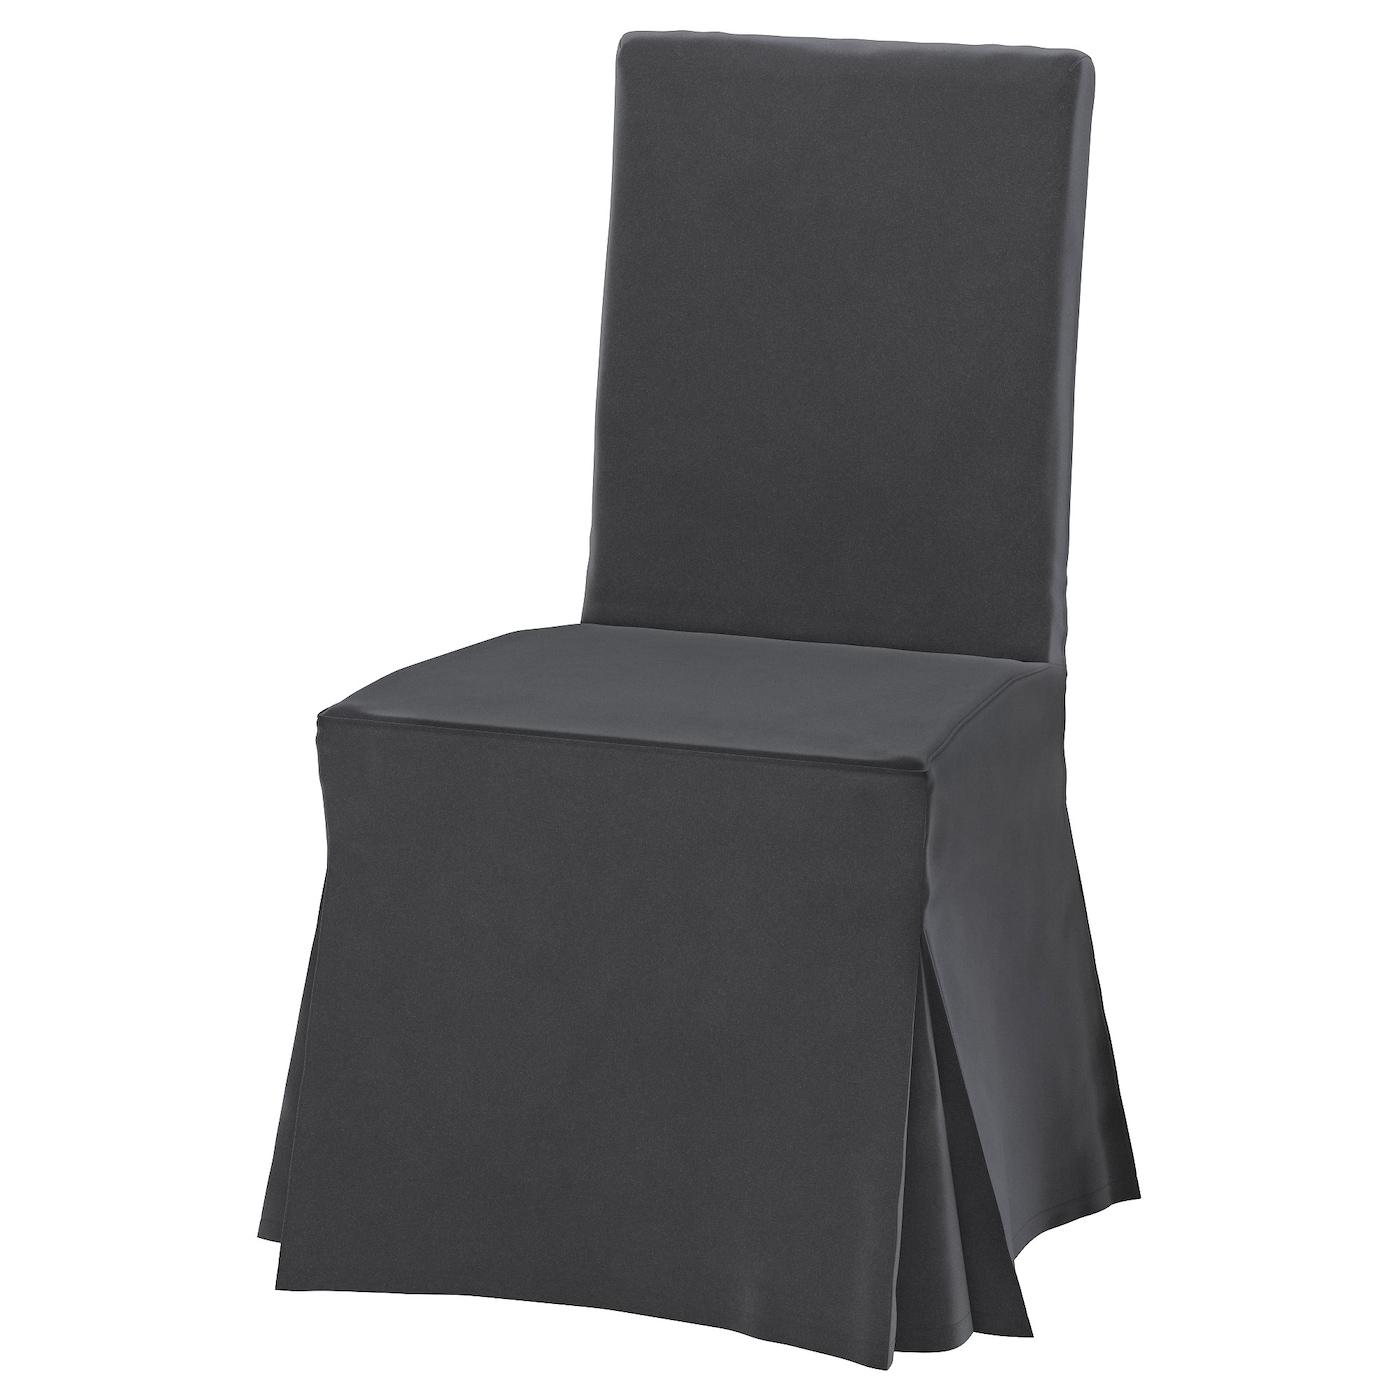 Stoelovertrek - IKEA